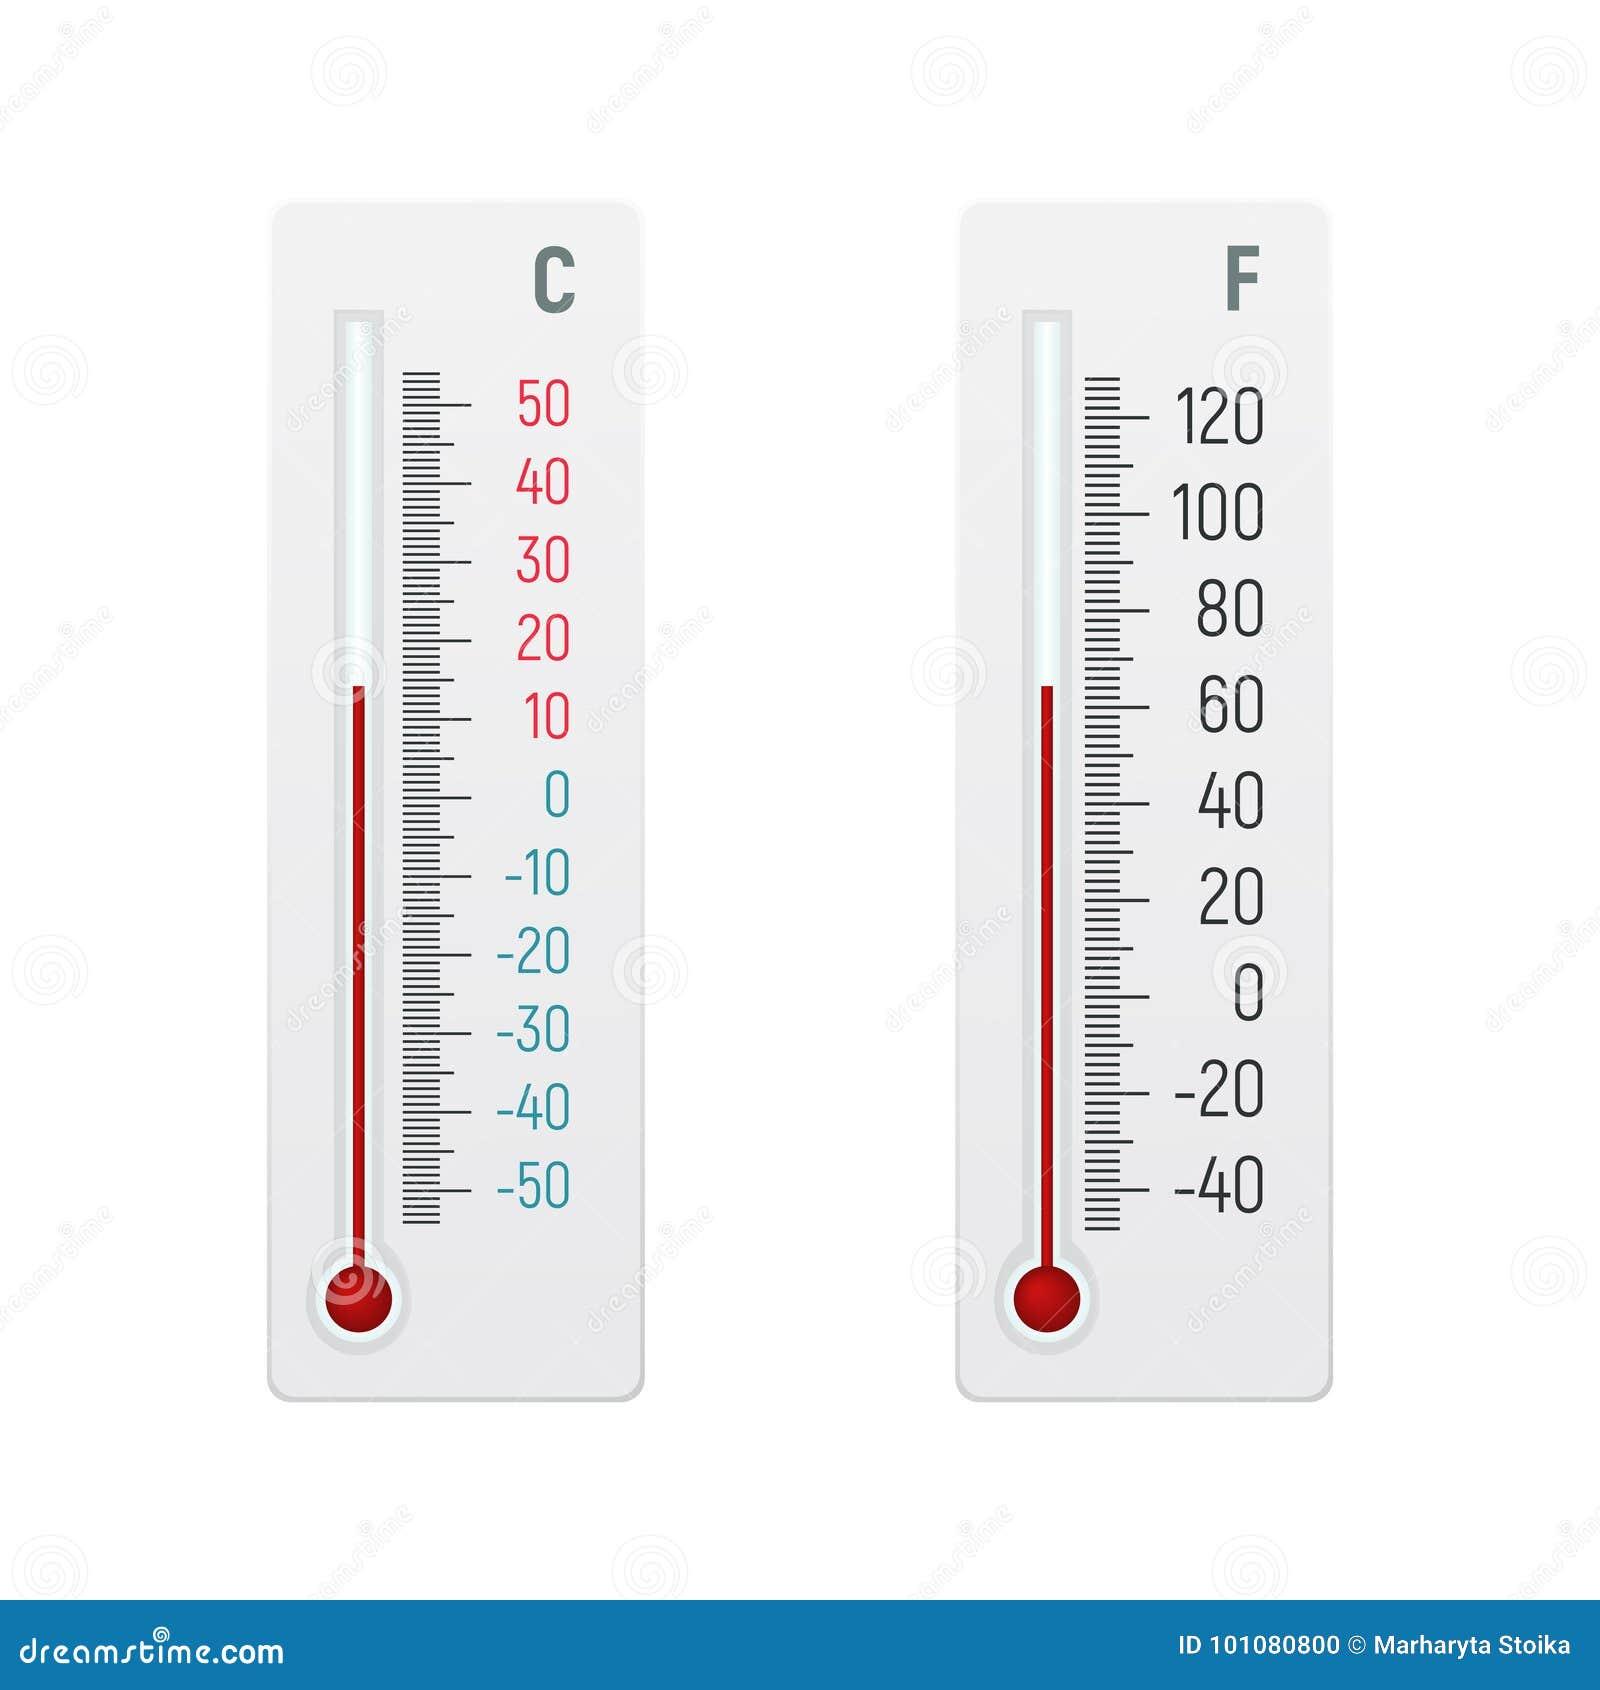 Termometro Del Alcohol Los Grados Celsius Y Fahrenheit Ilustracion Del Vector Ilustracion De Celsius Termometro 101080800 Por ejemplo, si tu termómetro dice 45 grados celsius, el número en fahrenheit será de 113 grados(45 x 1.8 = 81 + 32). del alcohol los grados celsius